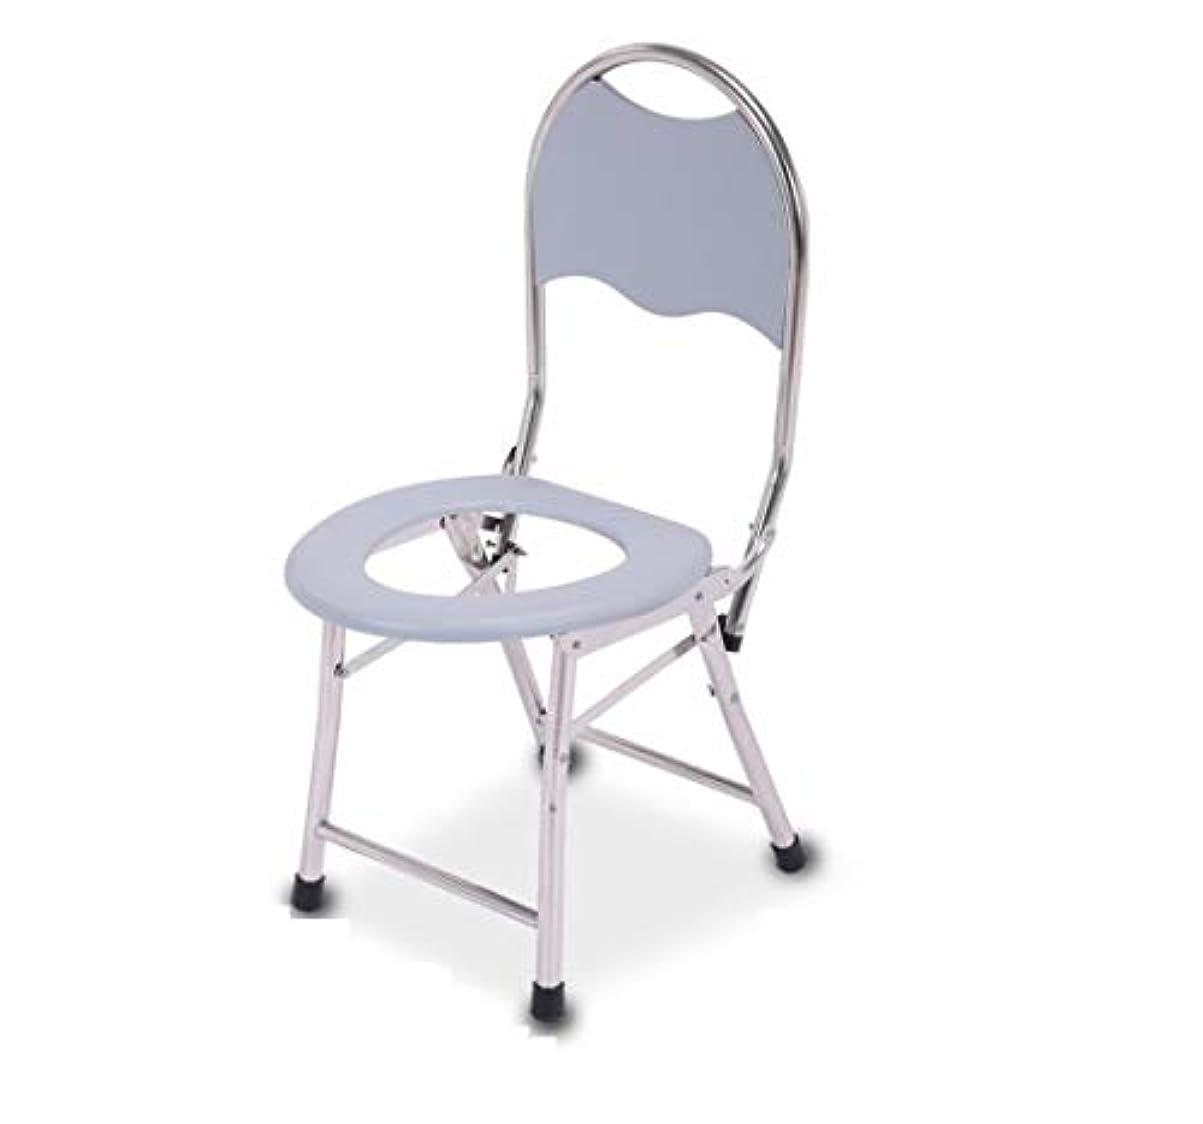 本質的に国旗引き付ける便器椅子、大人用便座、安全ステンレス鋼滑り止めシャワー椅子、携帯用しゃがむパン